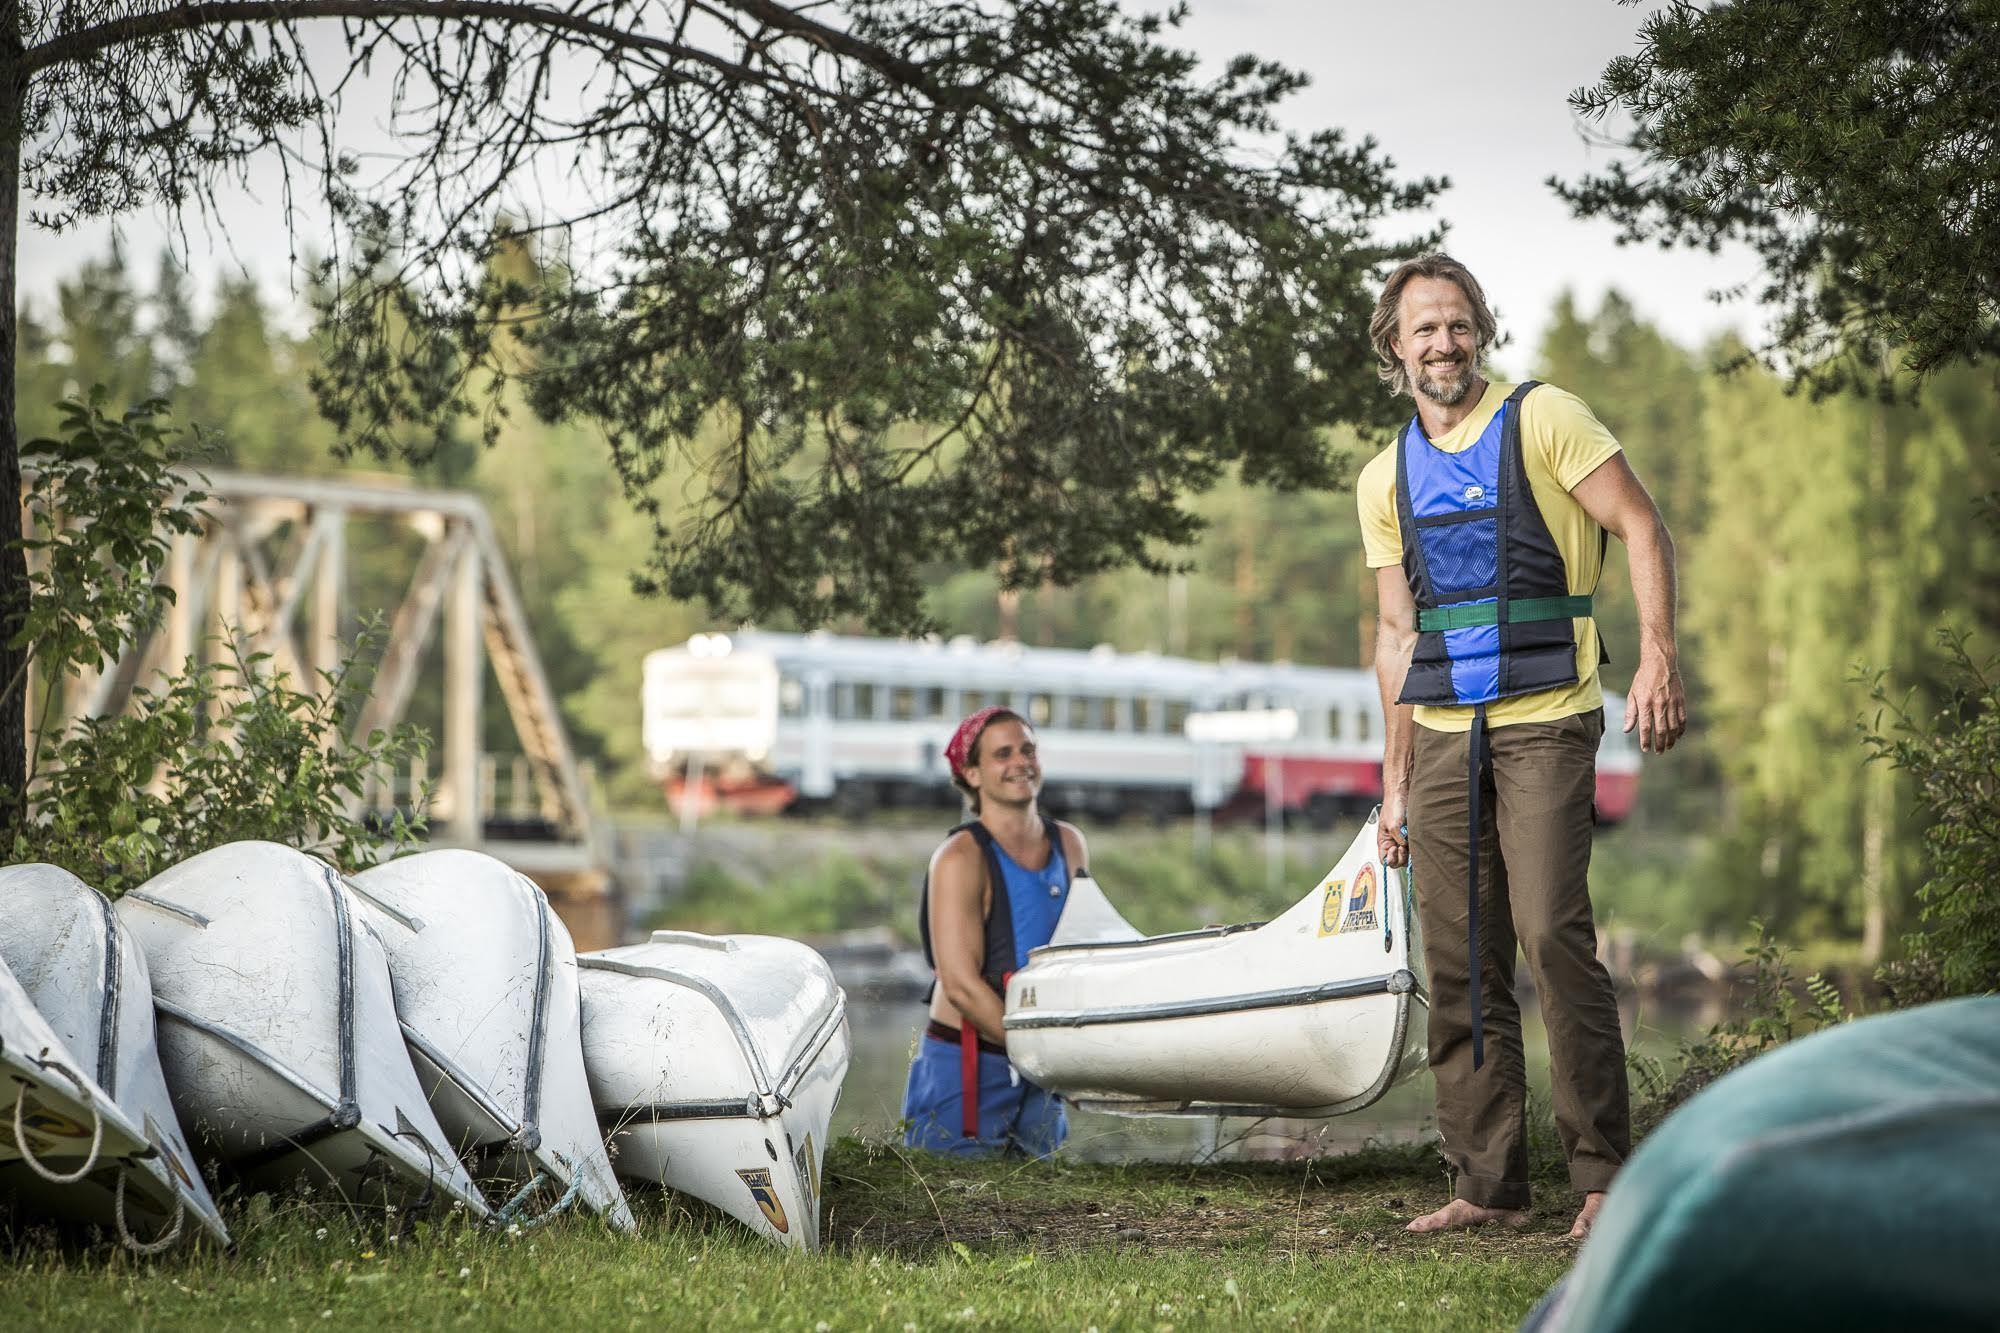 Lits Camping & Kanot